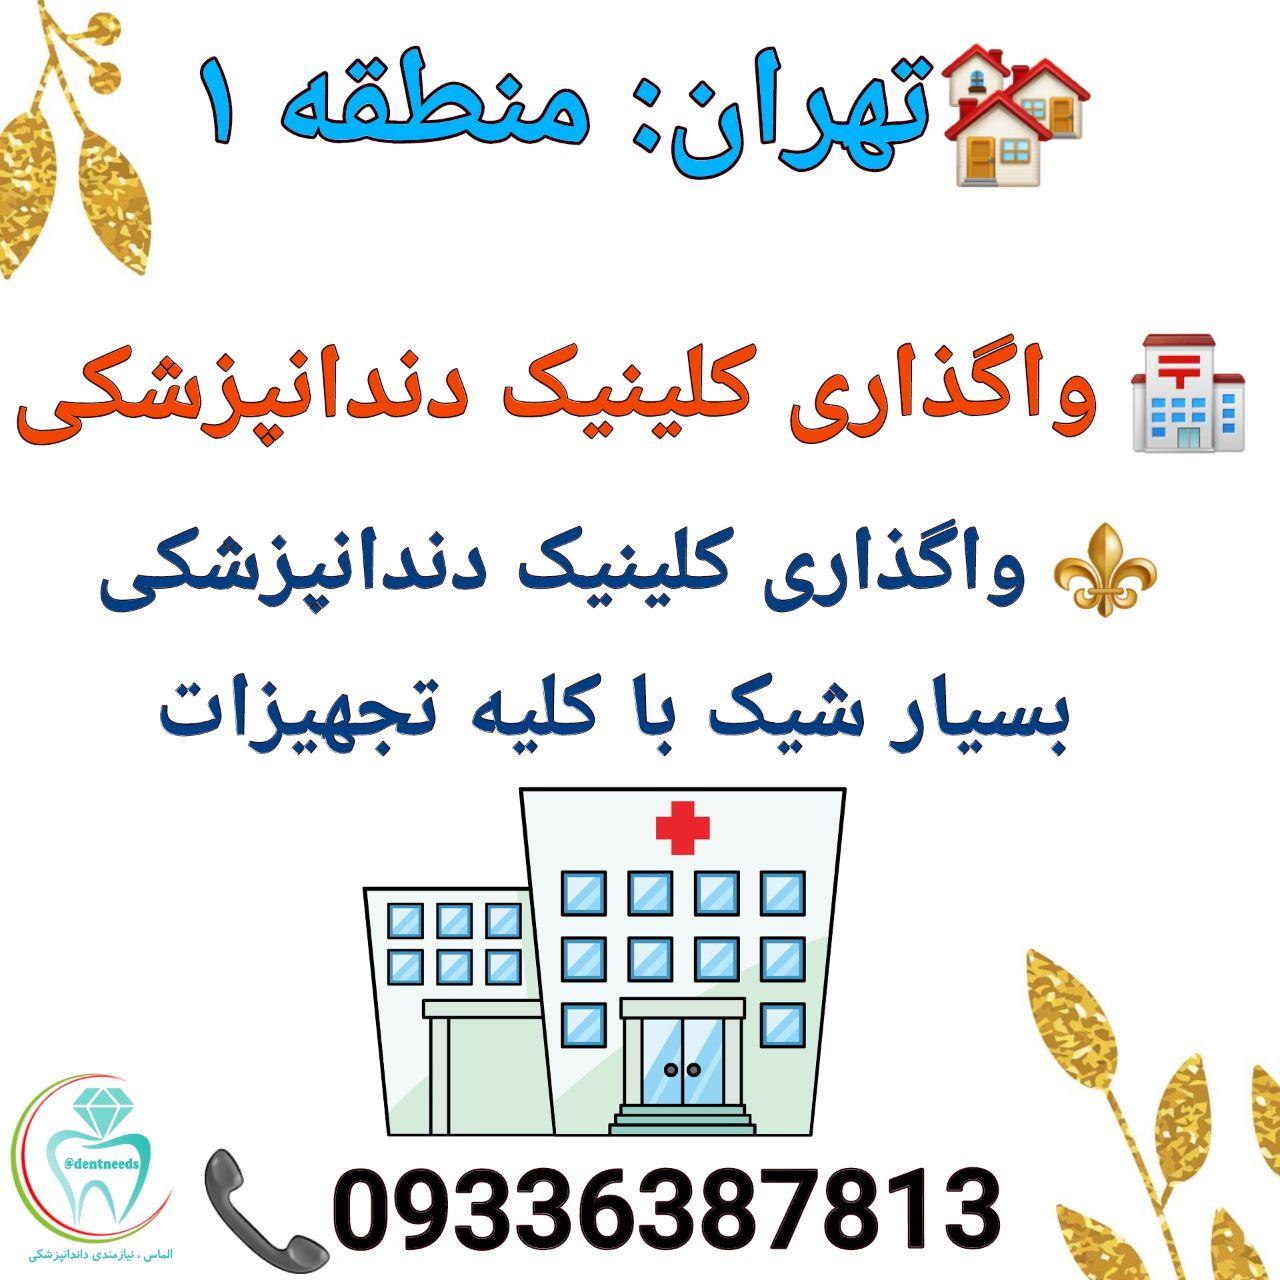 تهران: منطقه ۱، واگذاری کلینیک دندانپزشکی